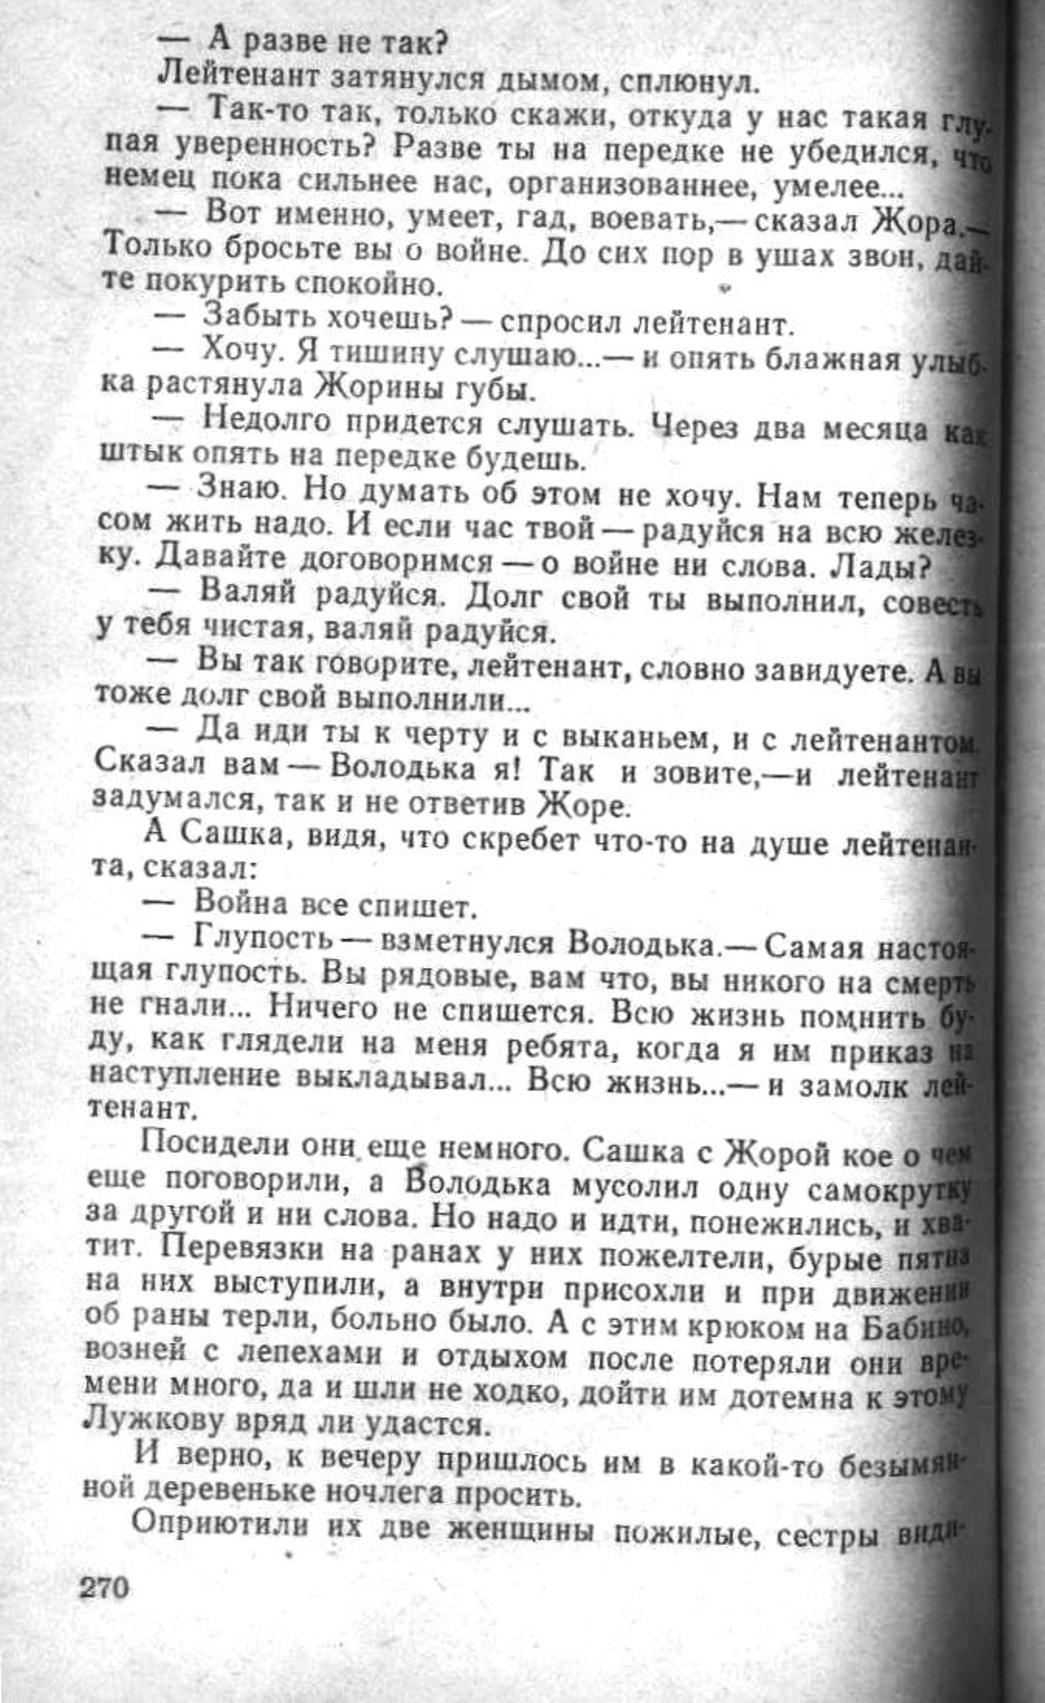 Сашка. Повесть. Вячеслав Кондратьев. 014. 003